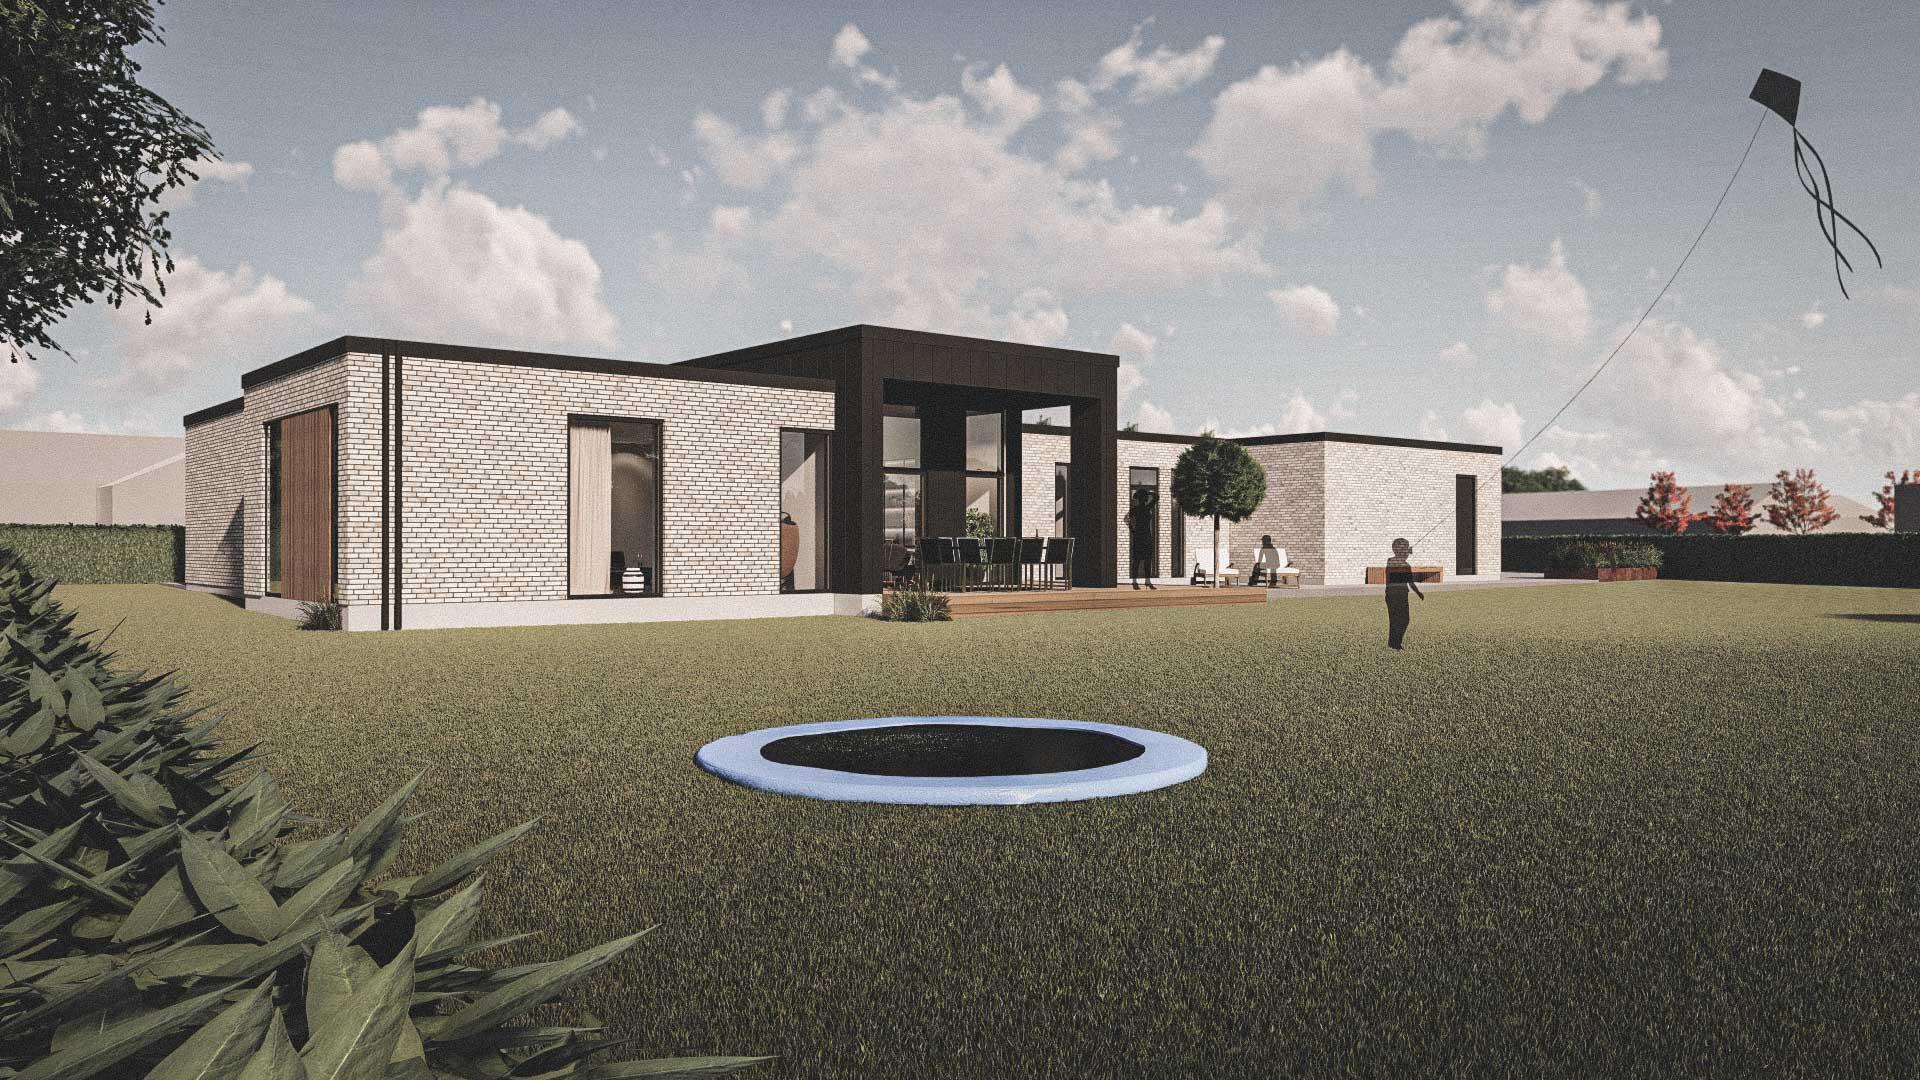 Billede af et arkitekt tegnet projektforslag af ny 1plans drømme villa i Aulum, af det danske arkitektfirma m2plus